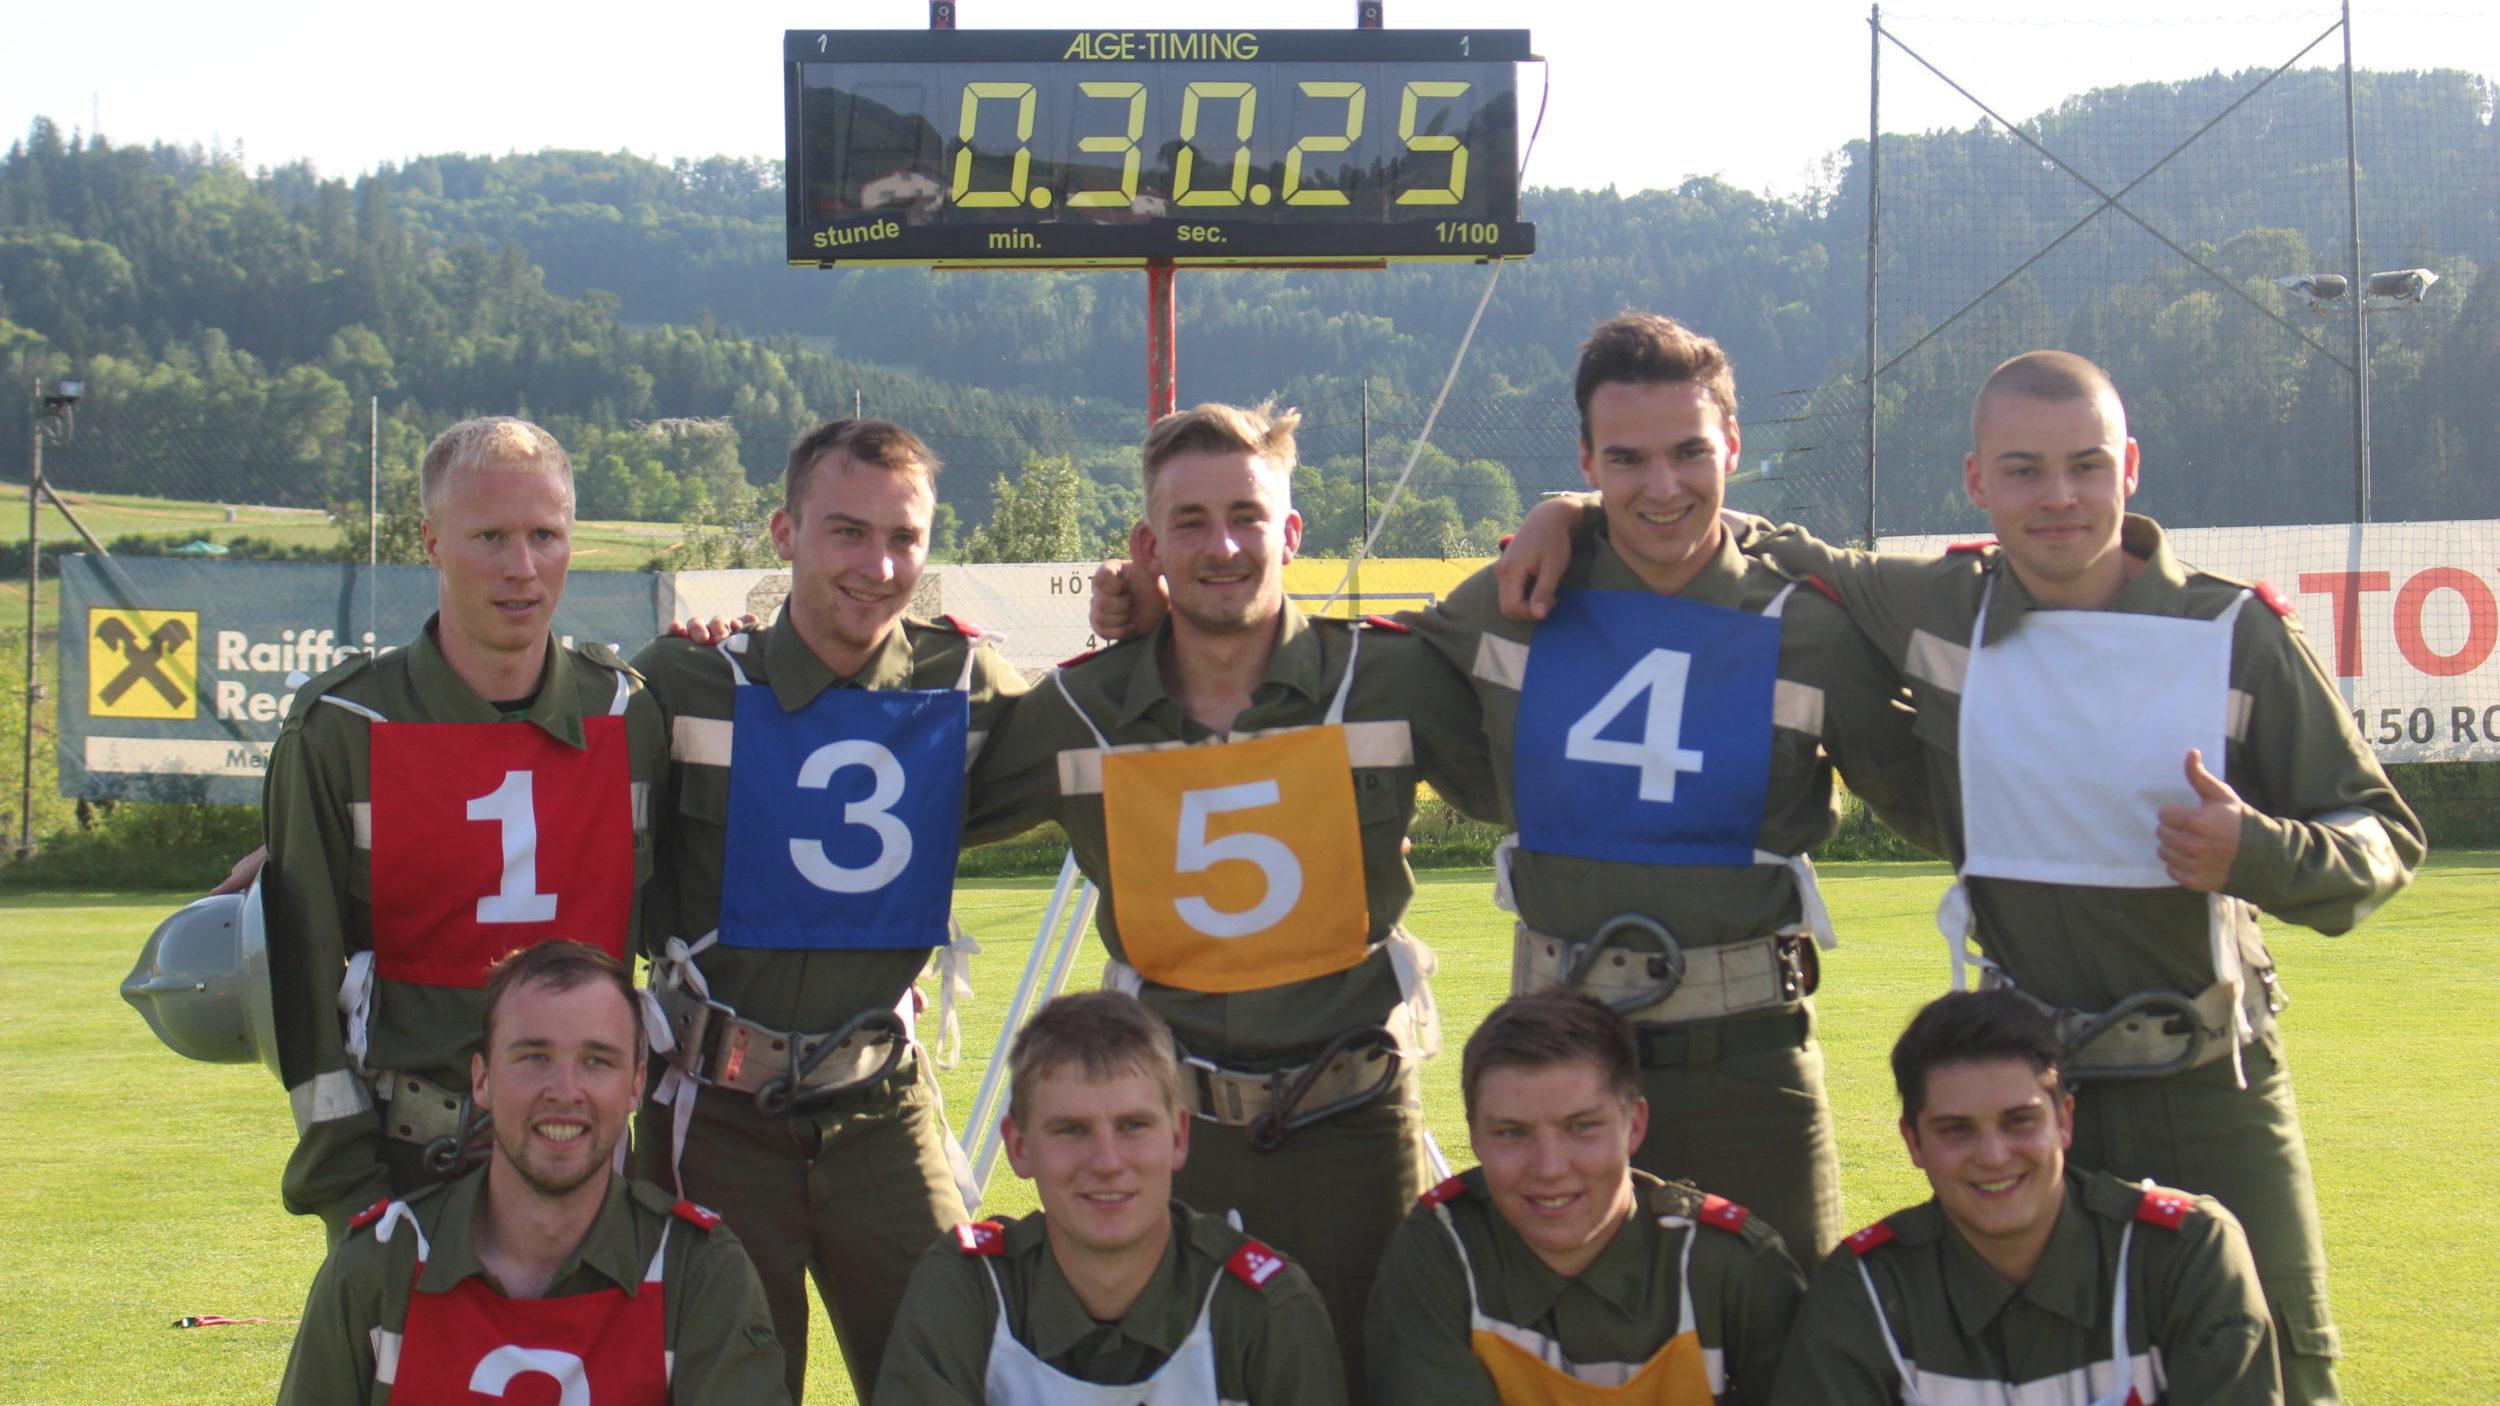 Neue St. Veiter Bewerbs-Rekordzeit von 30,25s!